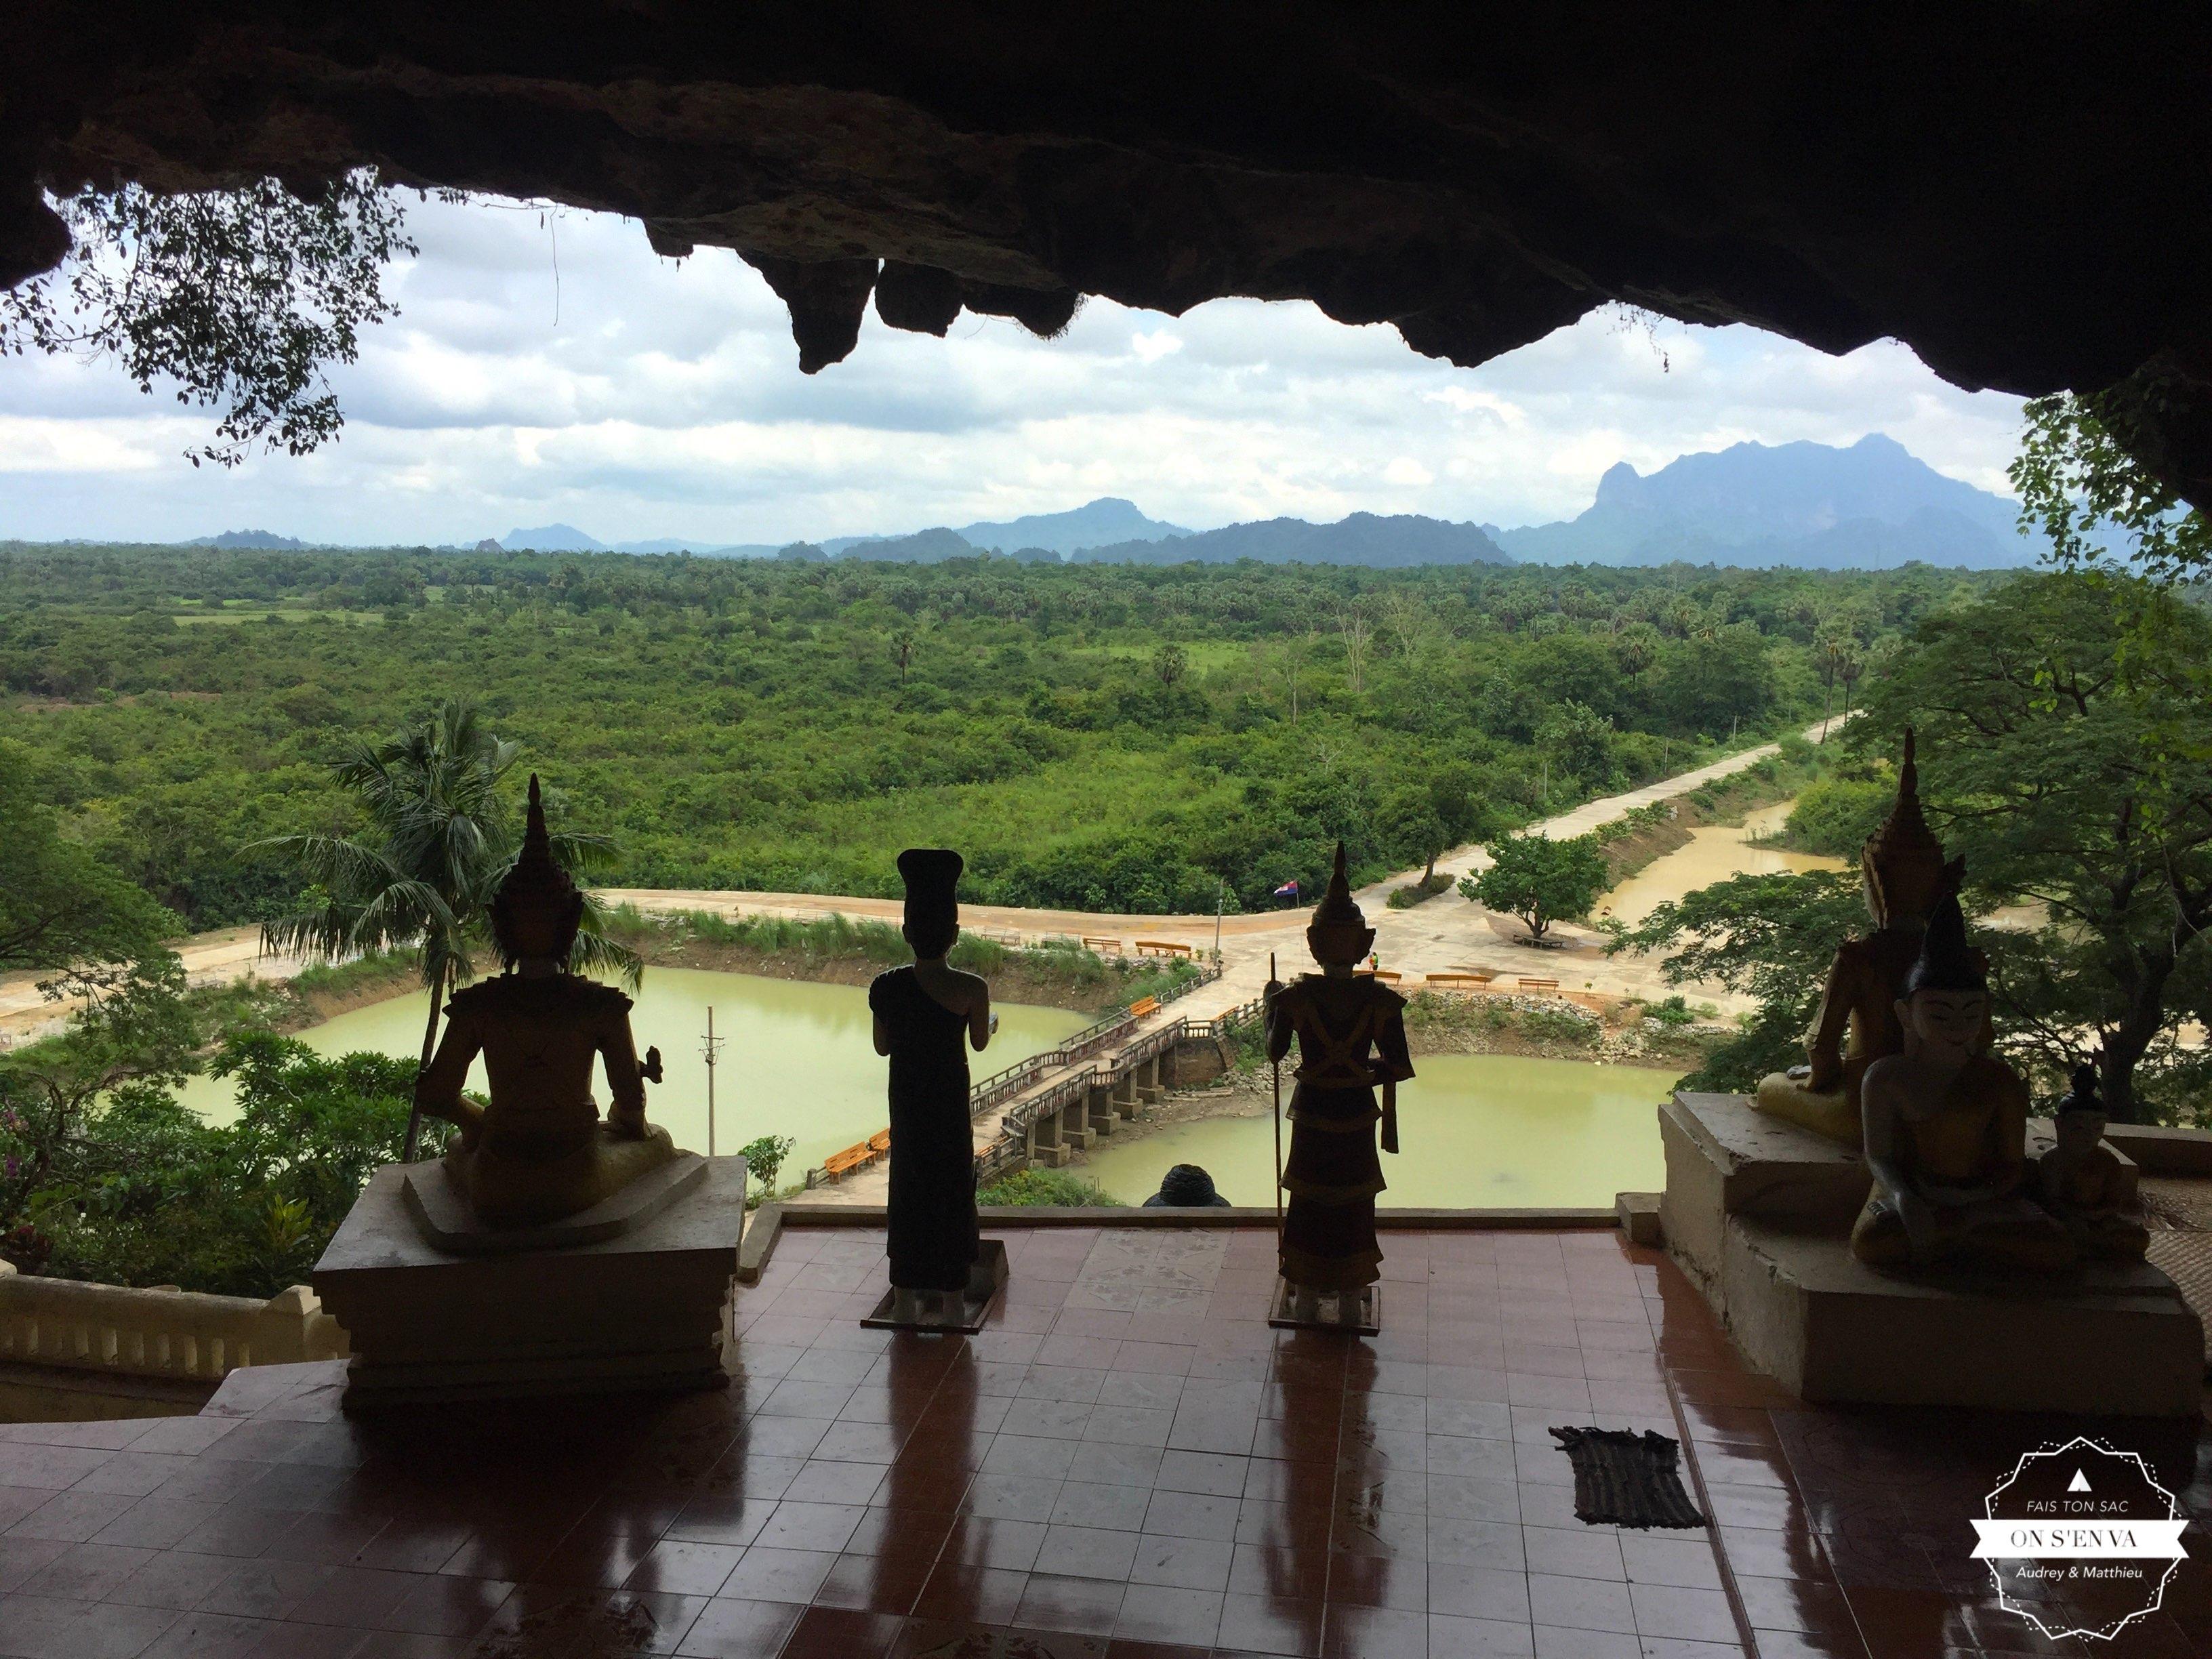 Arrivée à Yathaypyan Cave